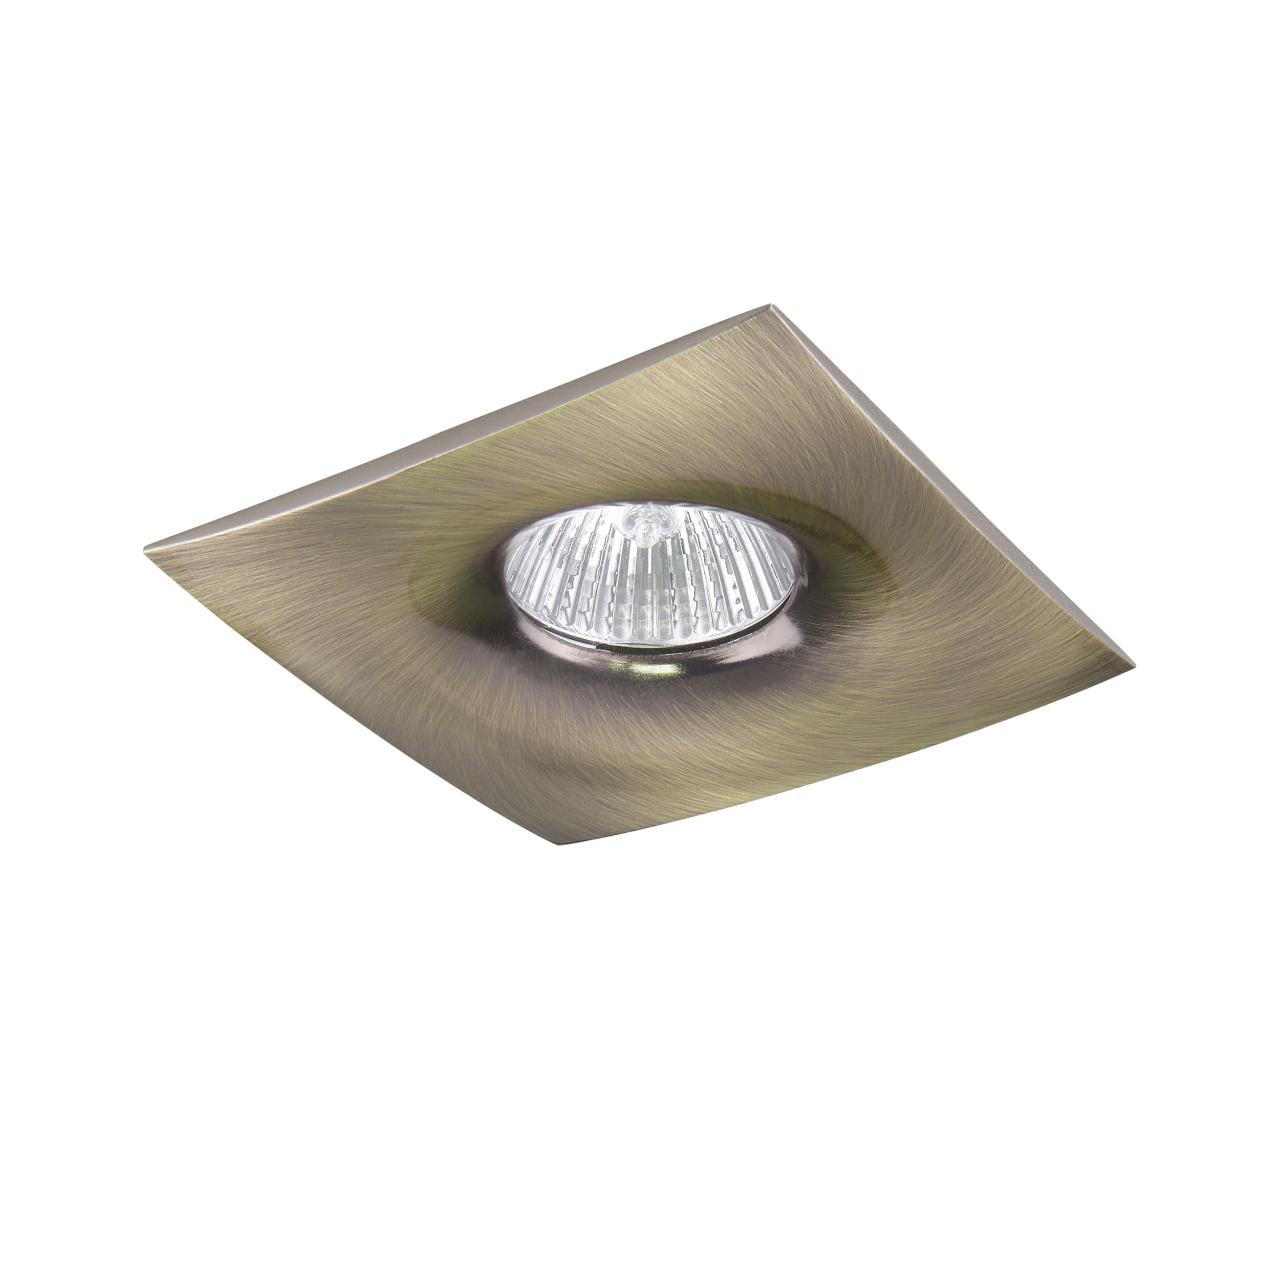 Светильник Levigo Q MR16 / HP16 зеленая бронза Lightstar 010031